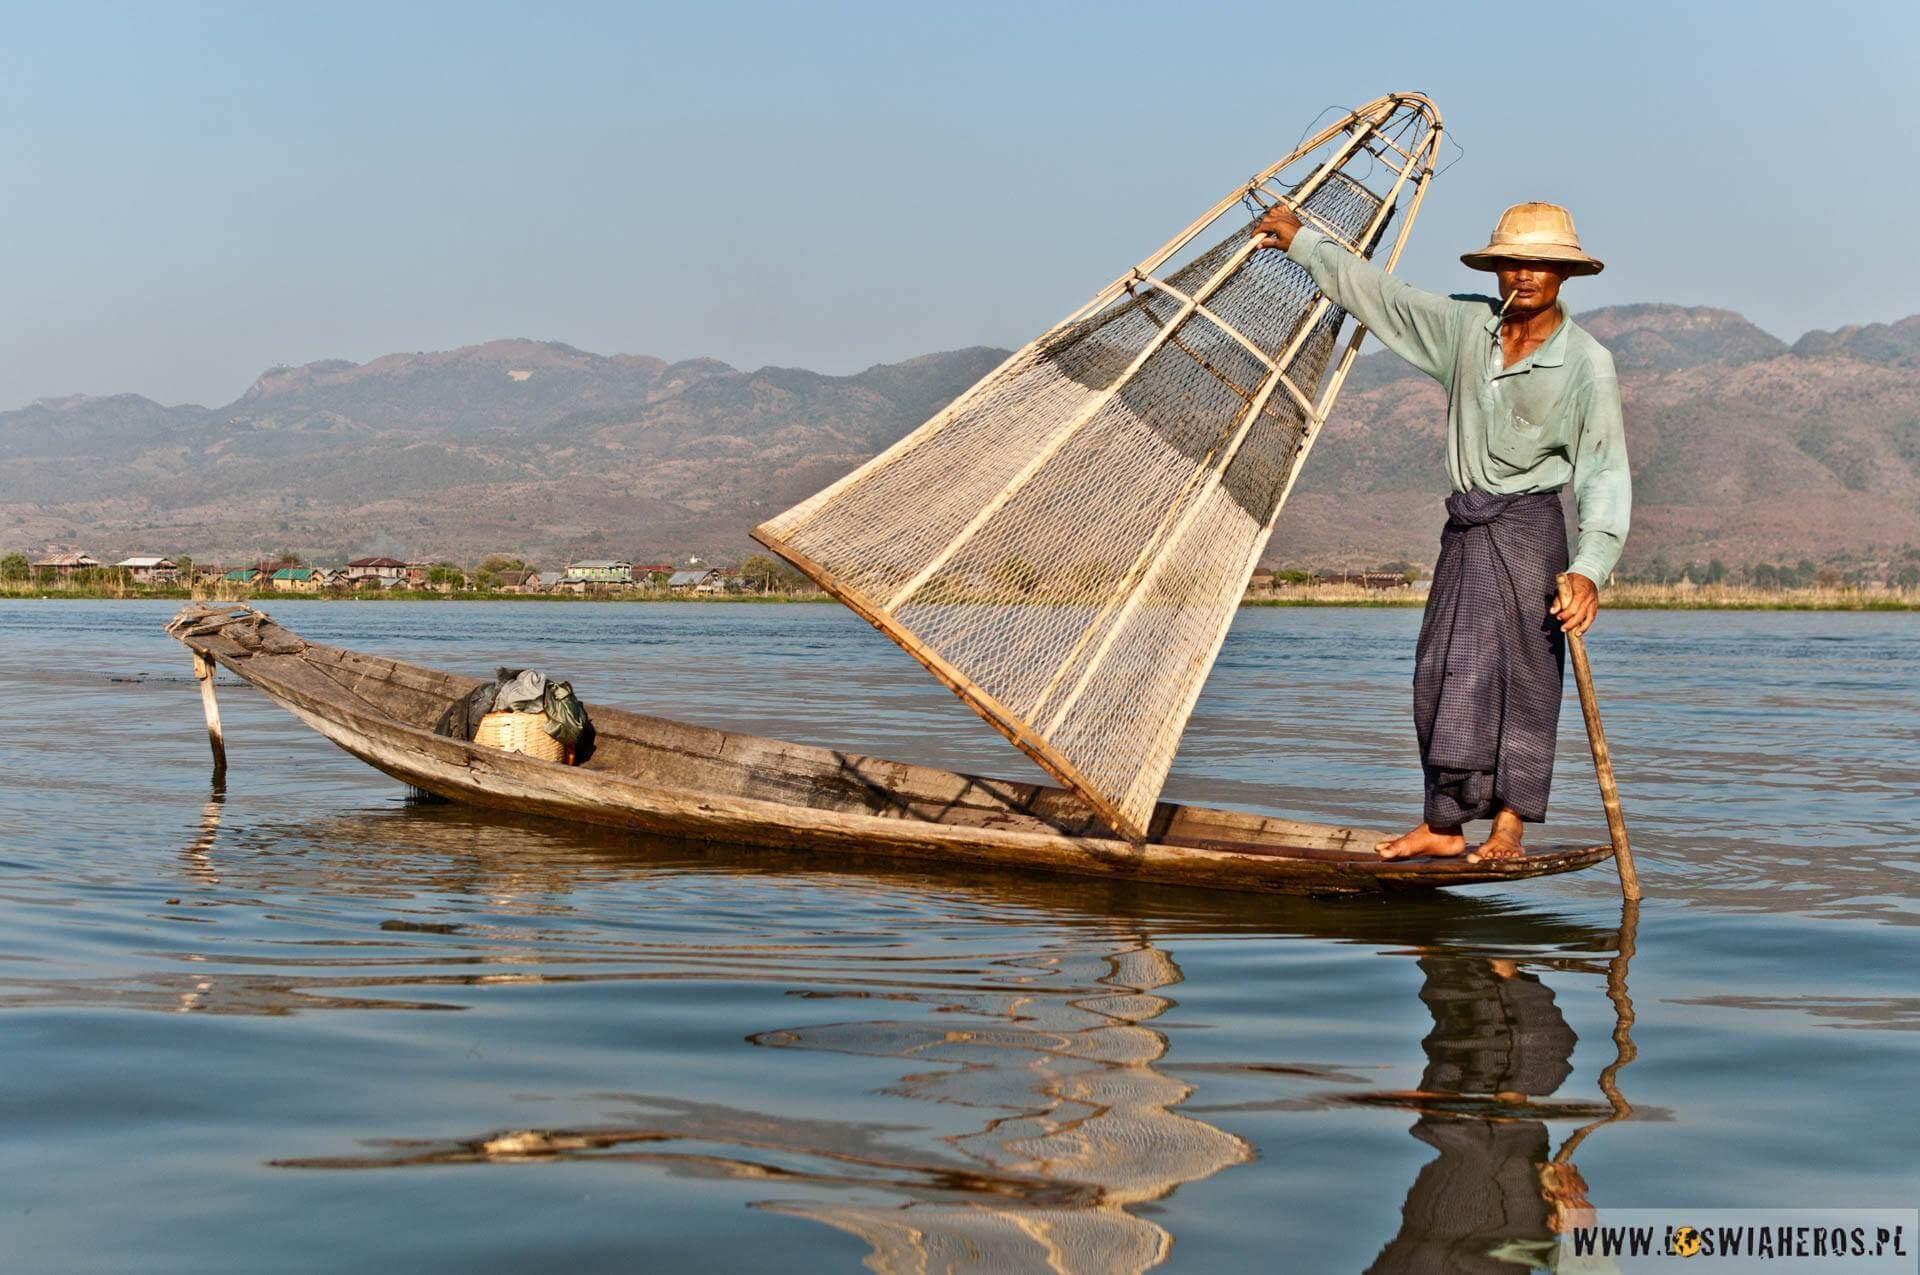 Słynne ujęcie rybaka wkapeluszu trzymającego sieć.